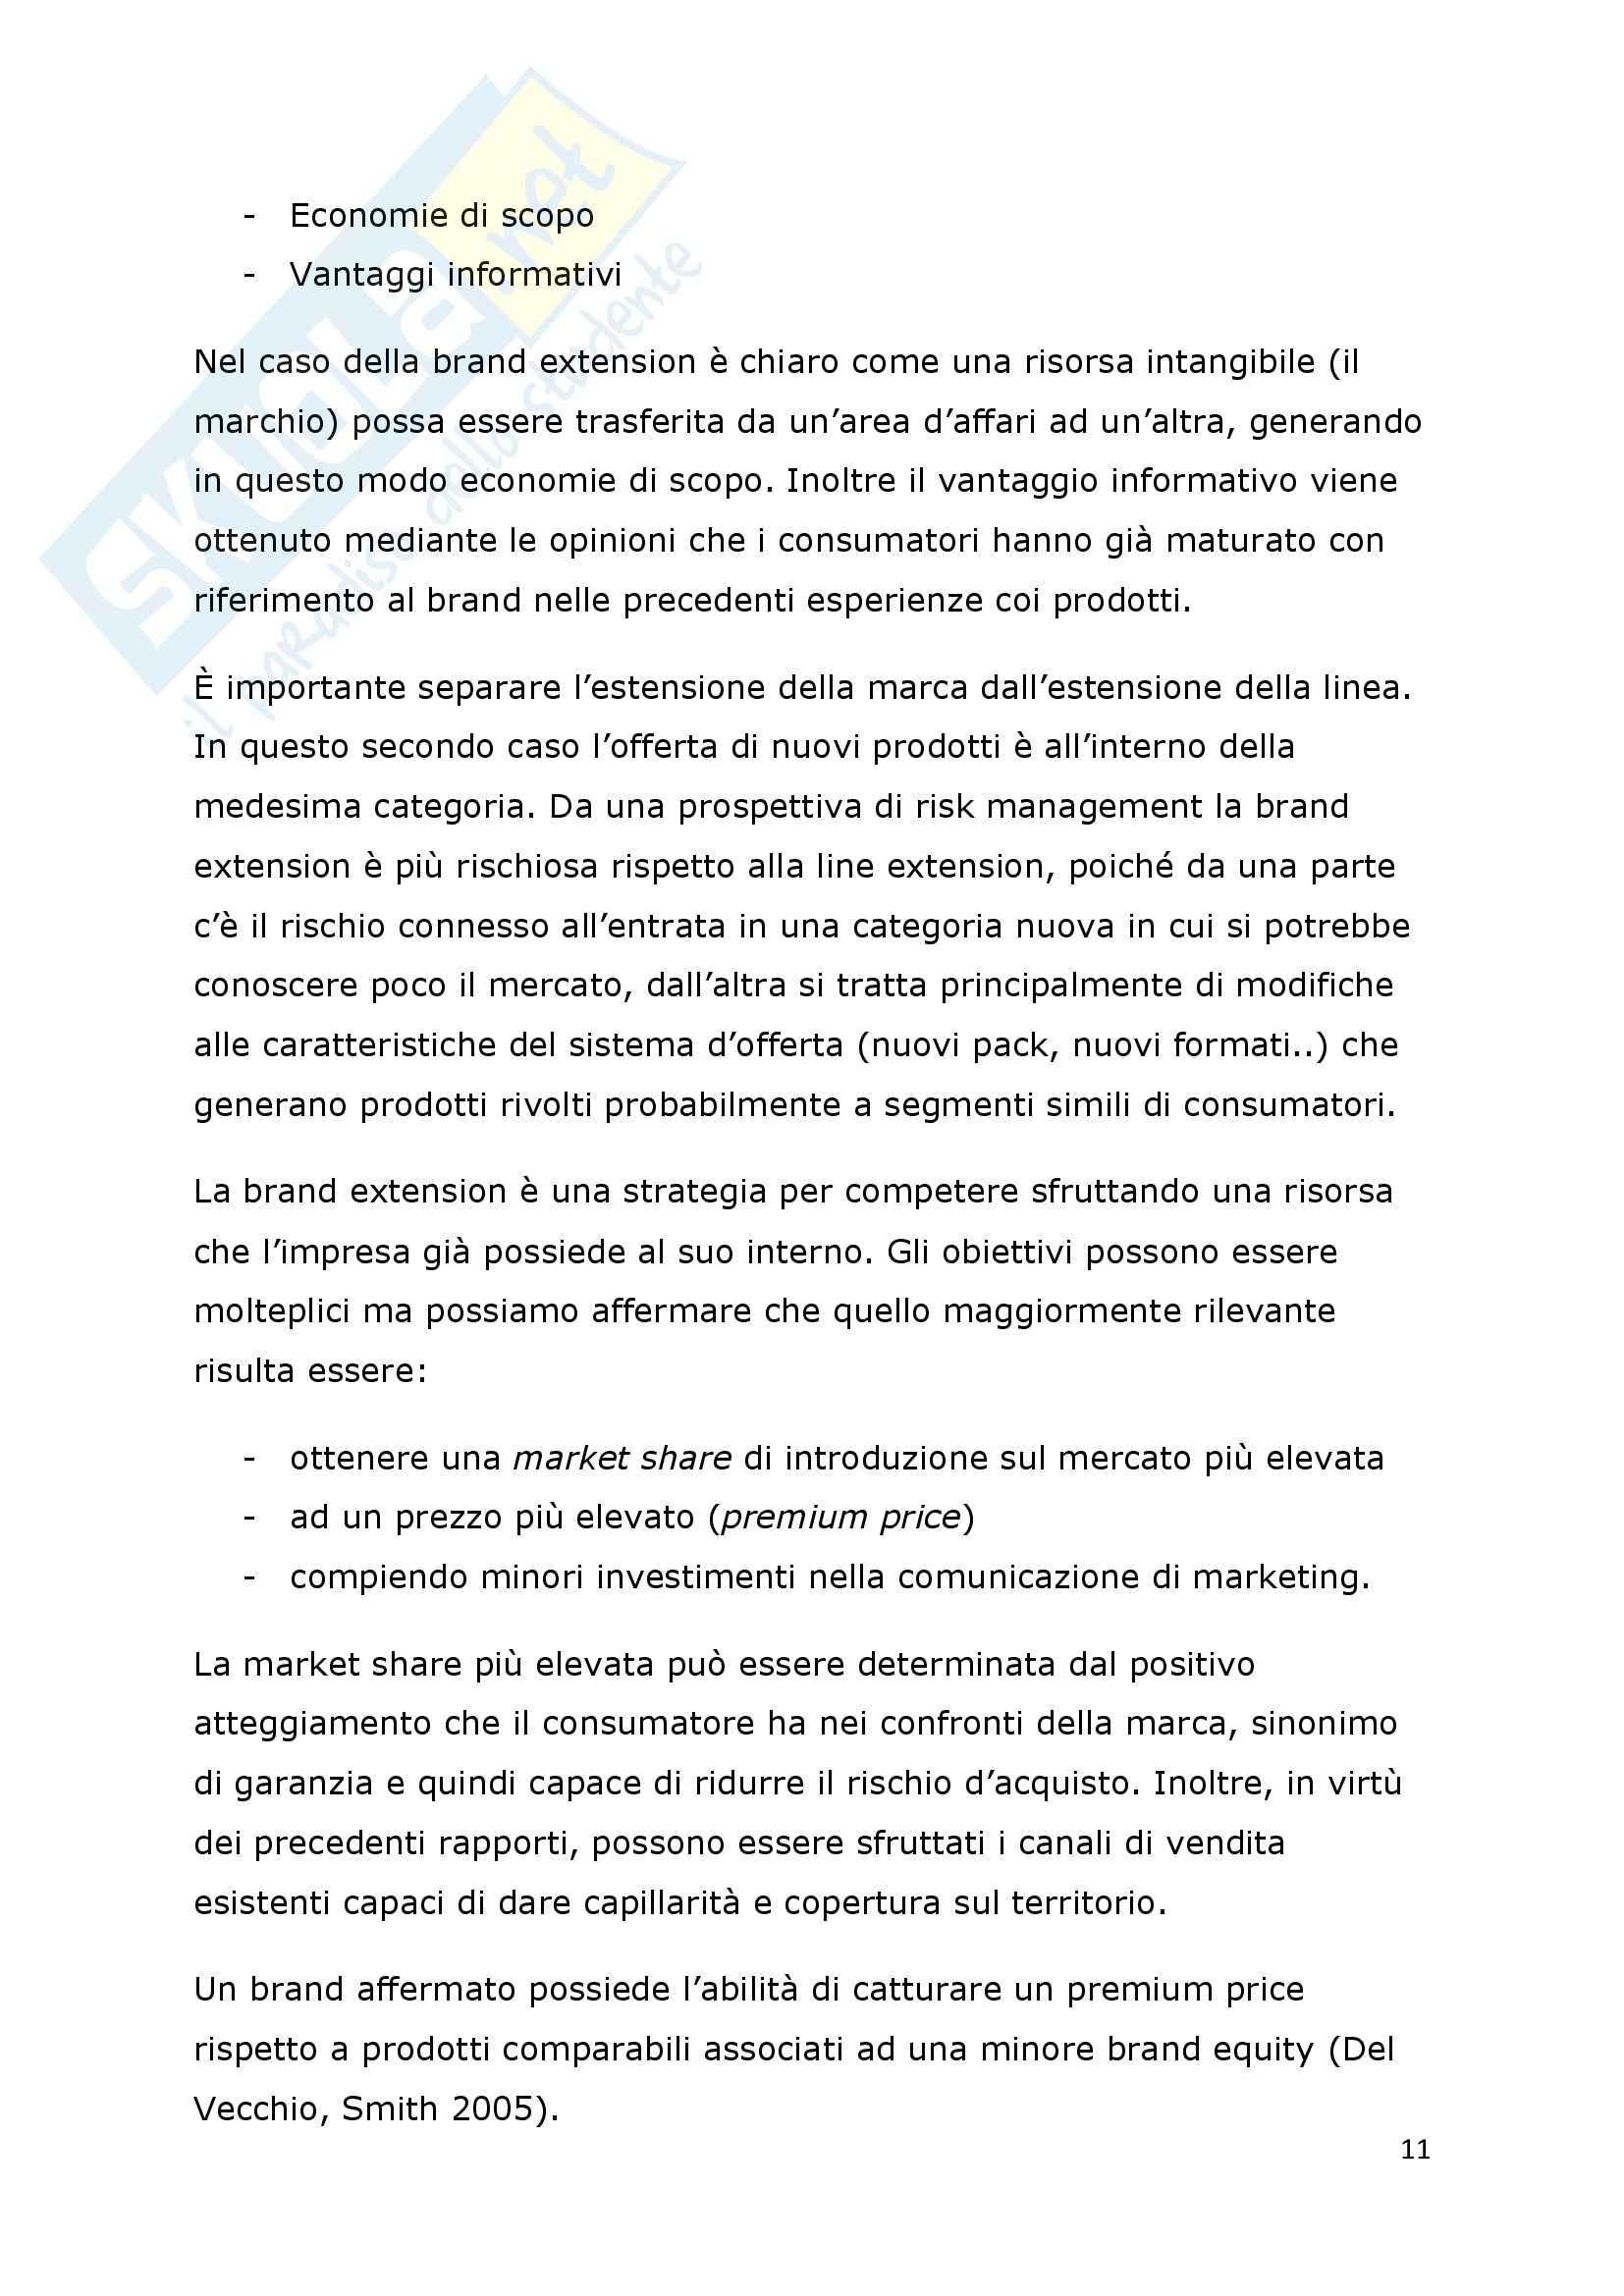 Tesi - I fattori di successo della brand extension: il ruolo del brand to category fit – il caso Callipo Pag. 11